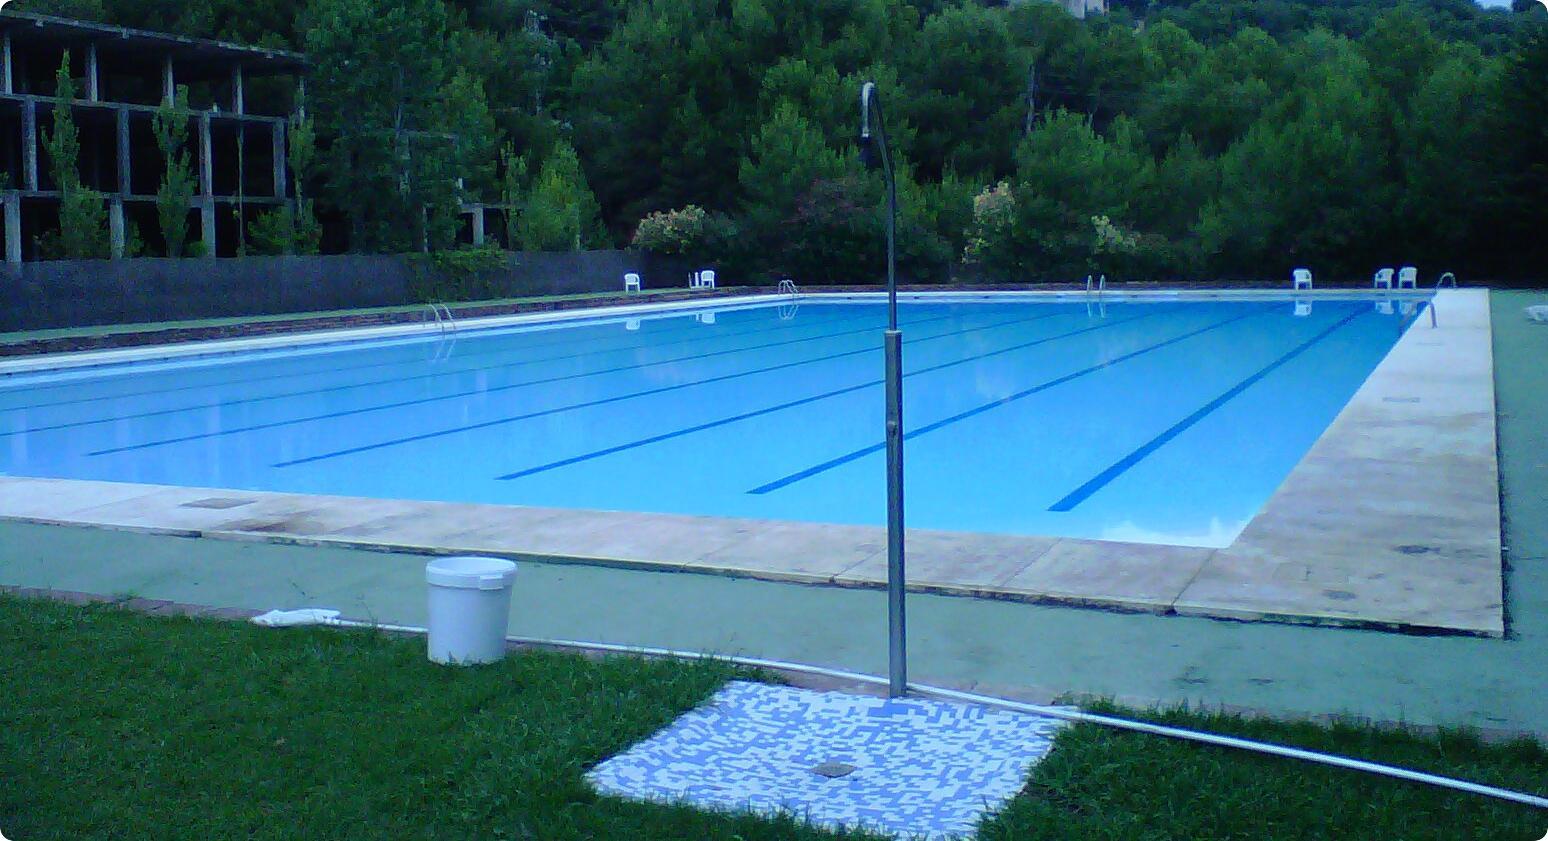 Recubrimientos piscinas rehabilitaciones for Rehabilitacion en piscina